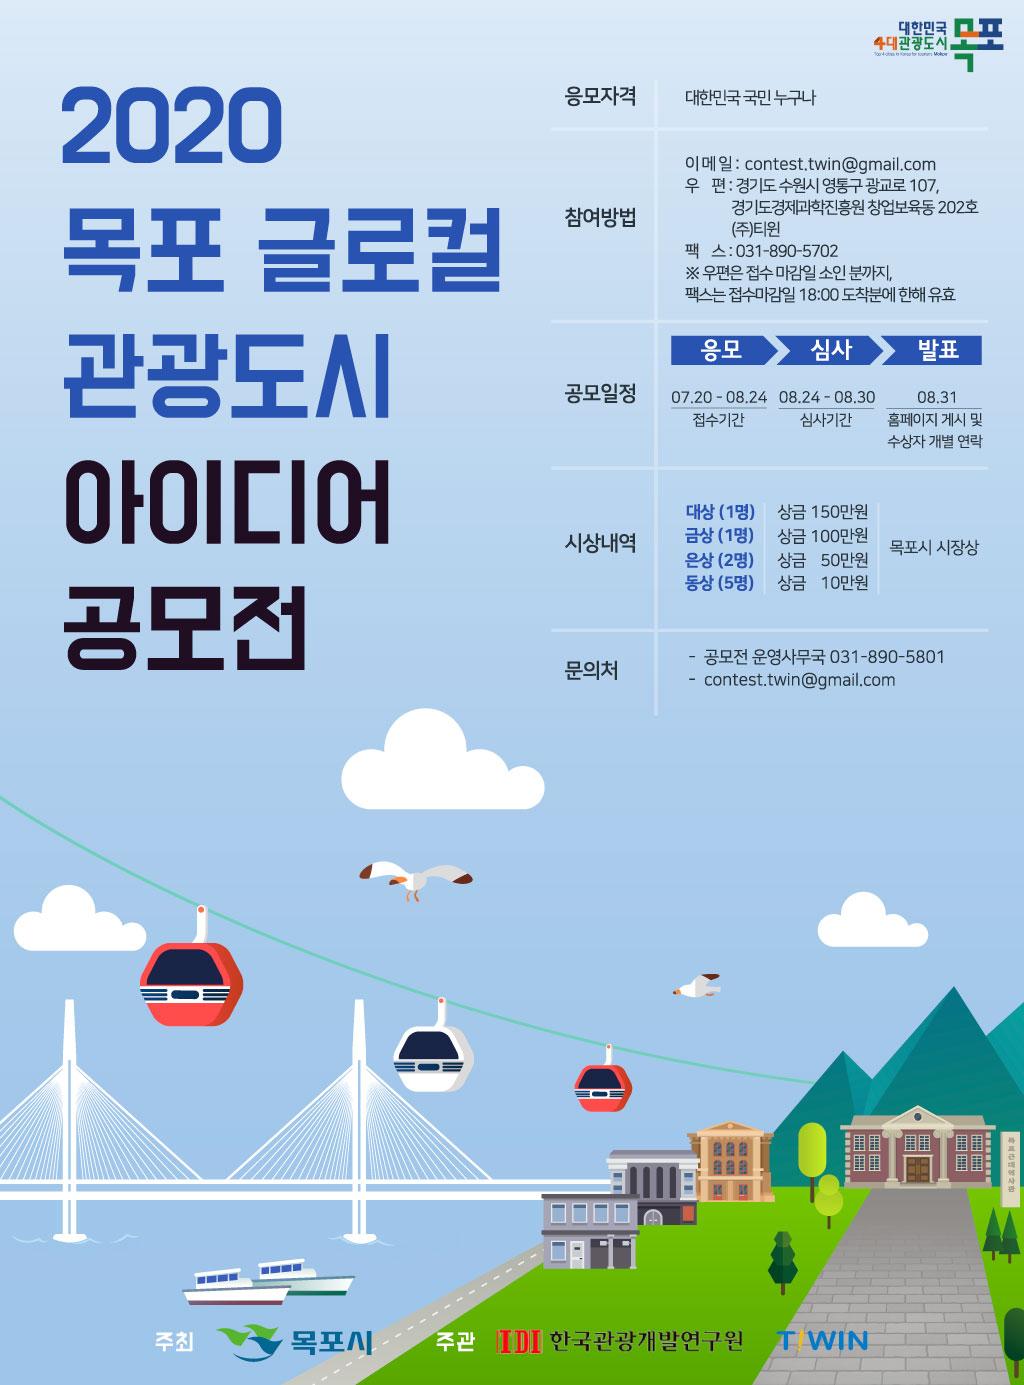 붙임1. 공모전 포스터_2020 목포시 글로컬 관광도시 아이디어 공모전.jpg